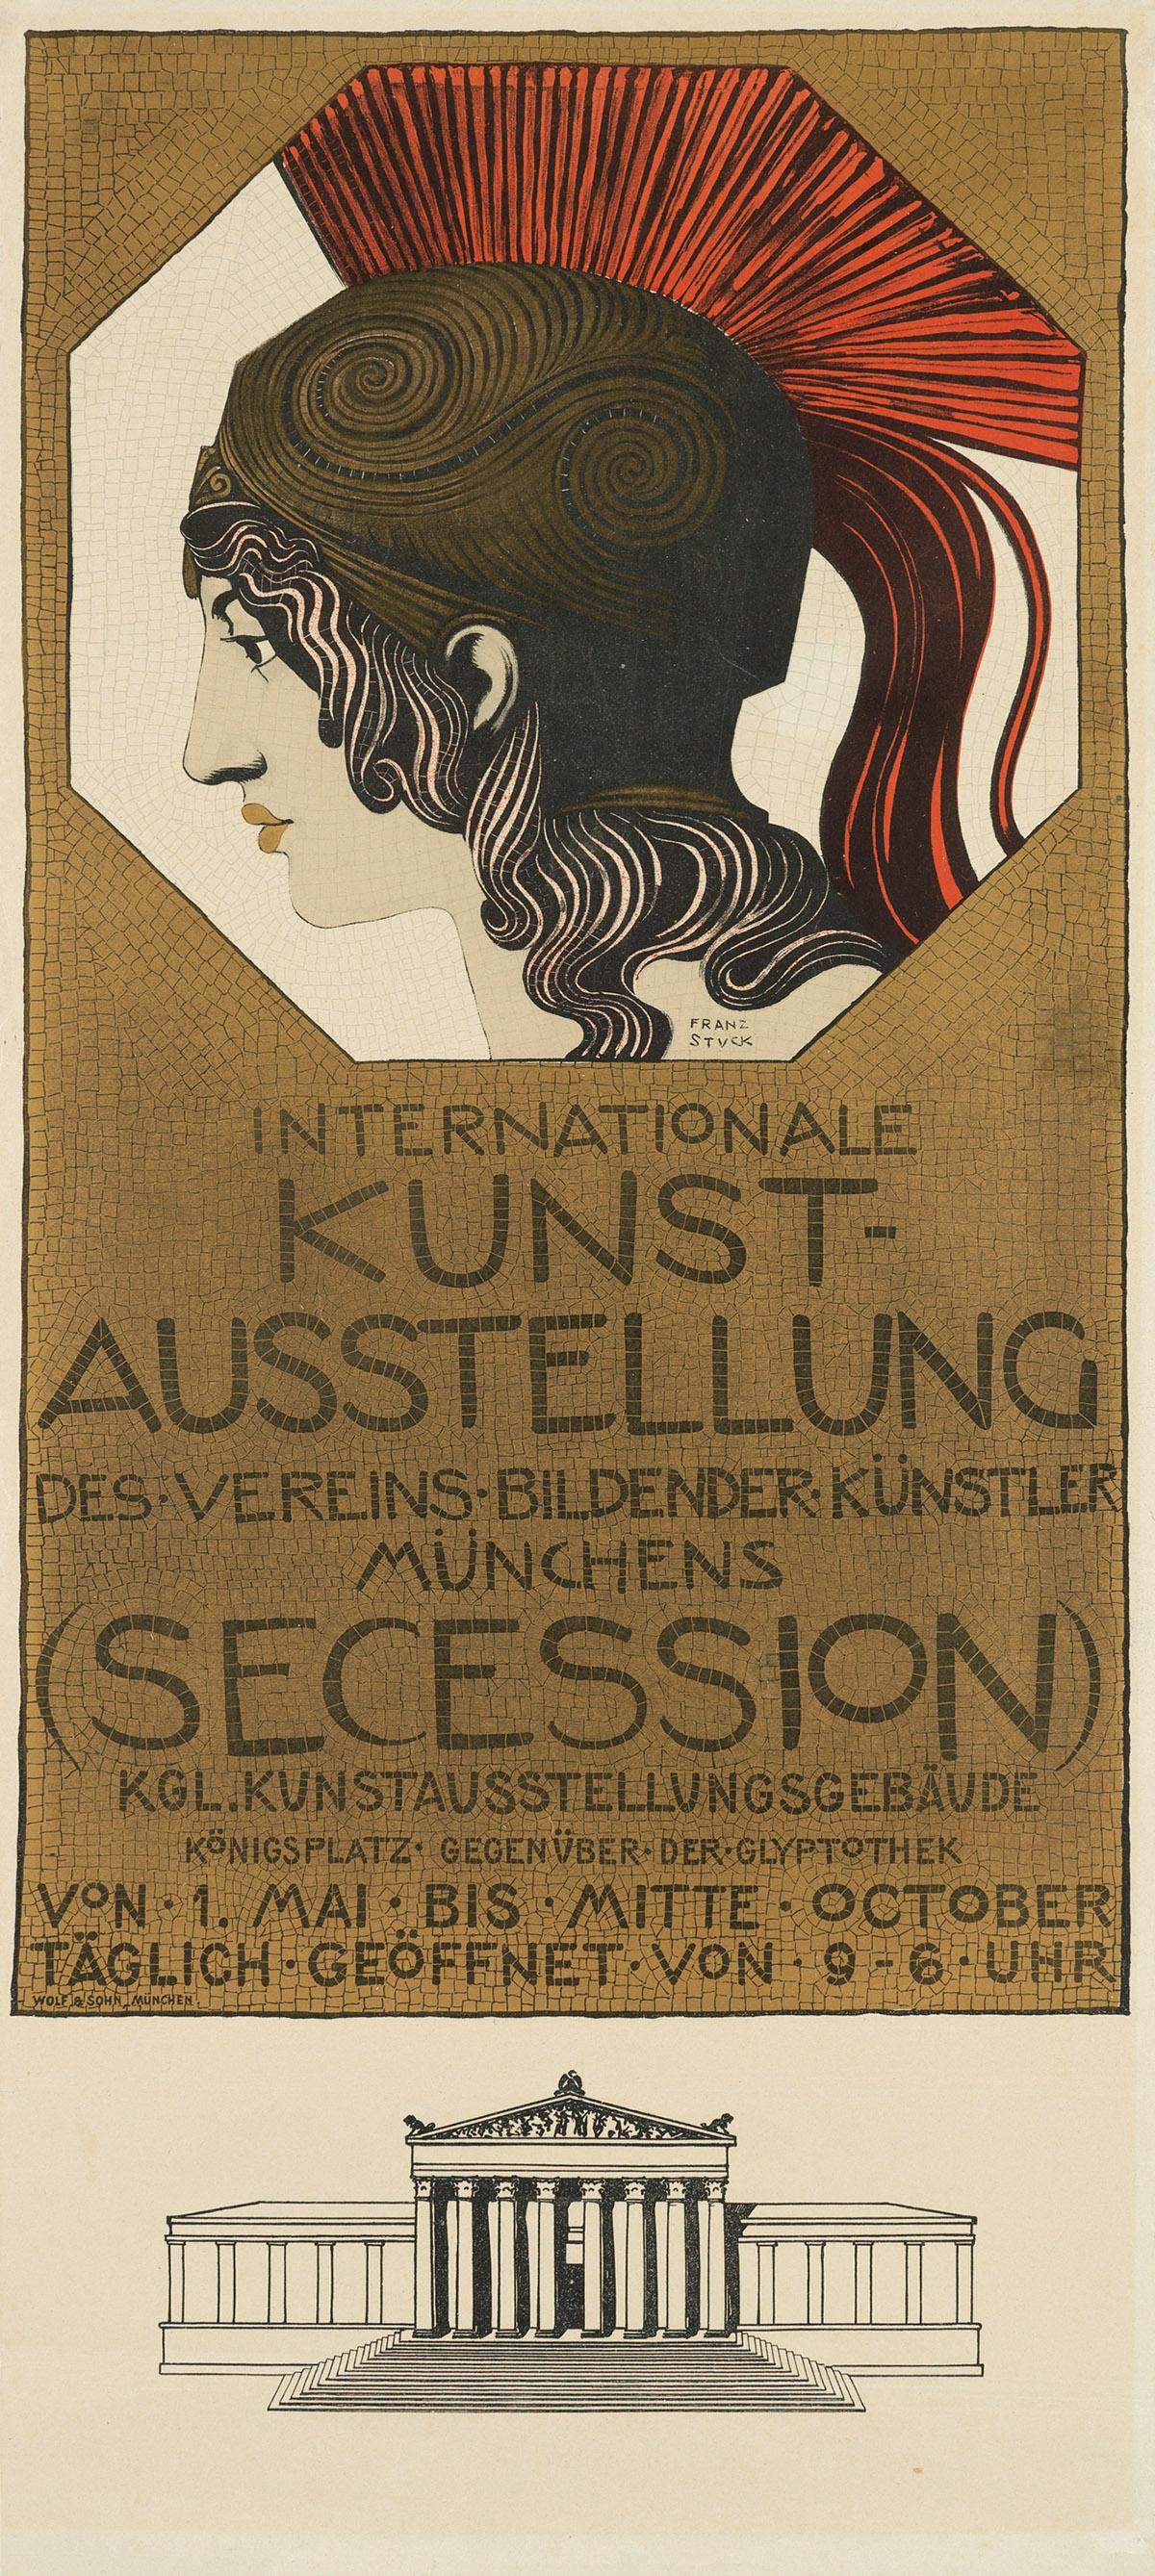 FRANZ VON STÜCK (1863-1928). INTERNATIONALE KUNST - AUSSTELLUNG / (SECESSION). Circa 1898. 33x14 inches, 83x36 cm. Wolf und Sohn, Munic